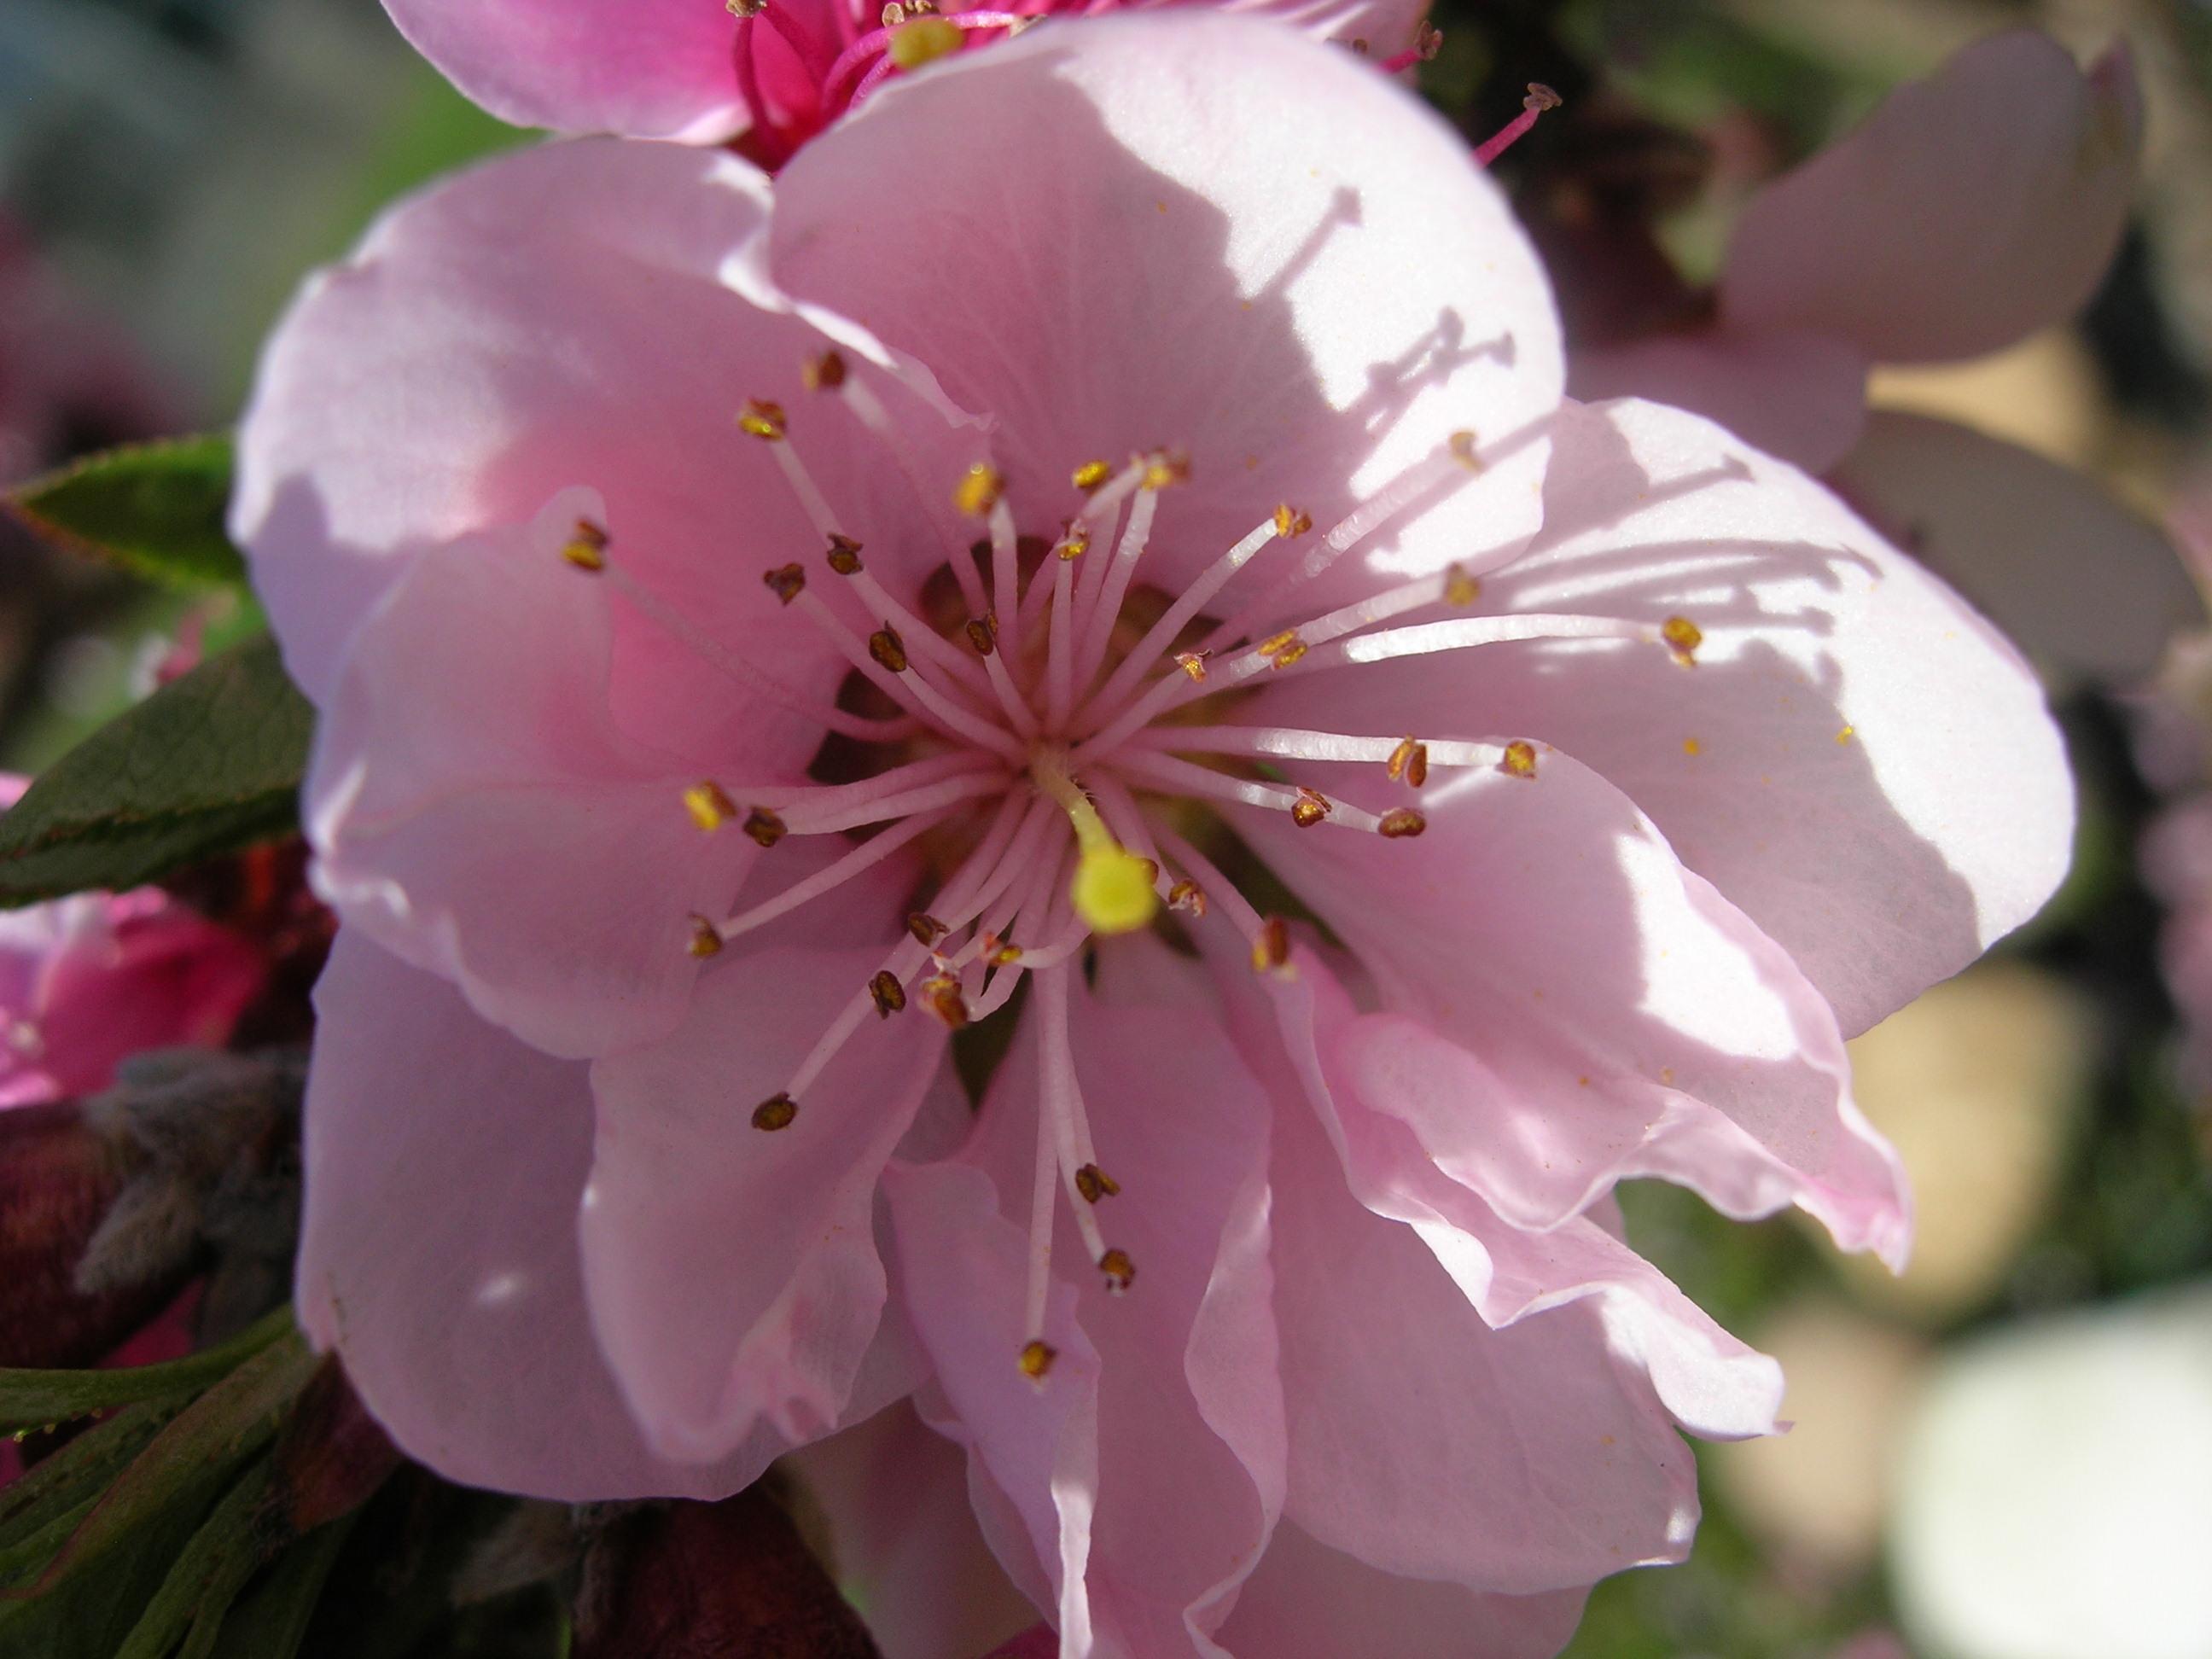 Fiore di pesco di rubis